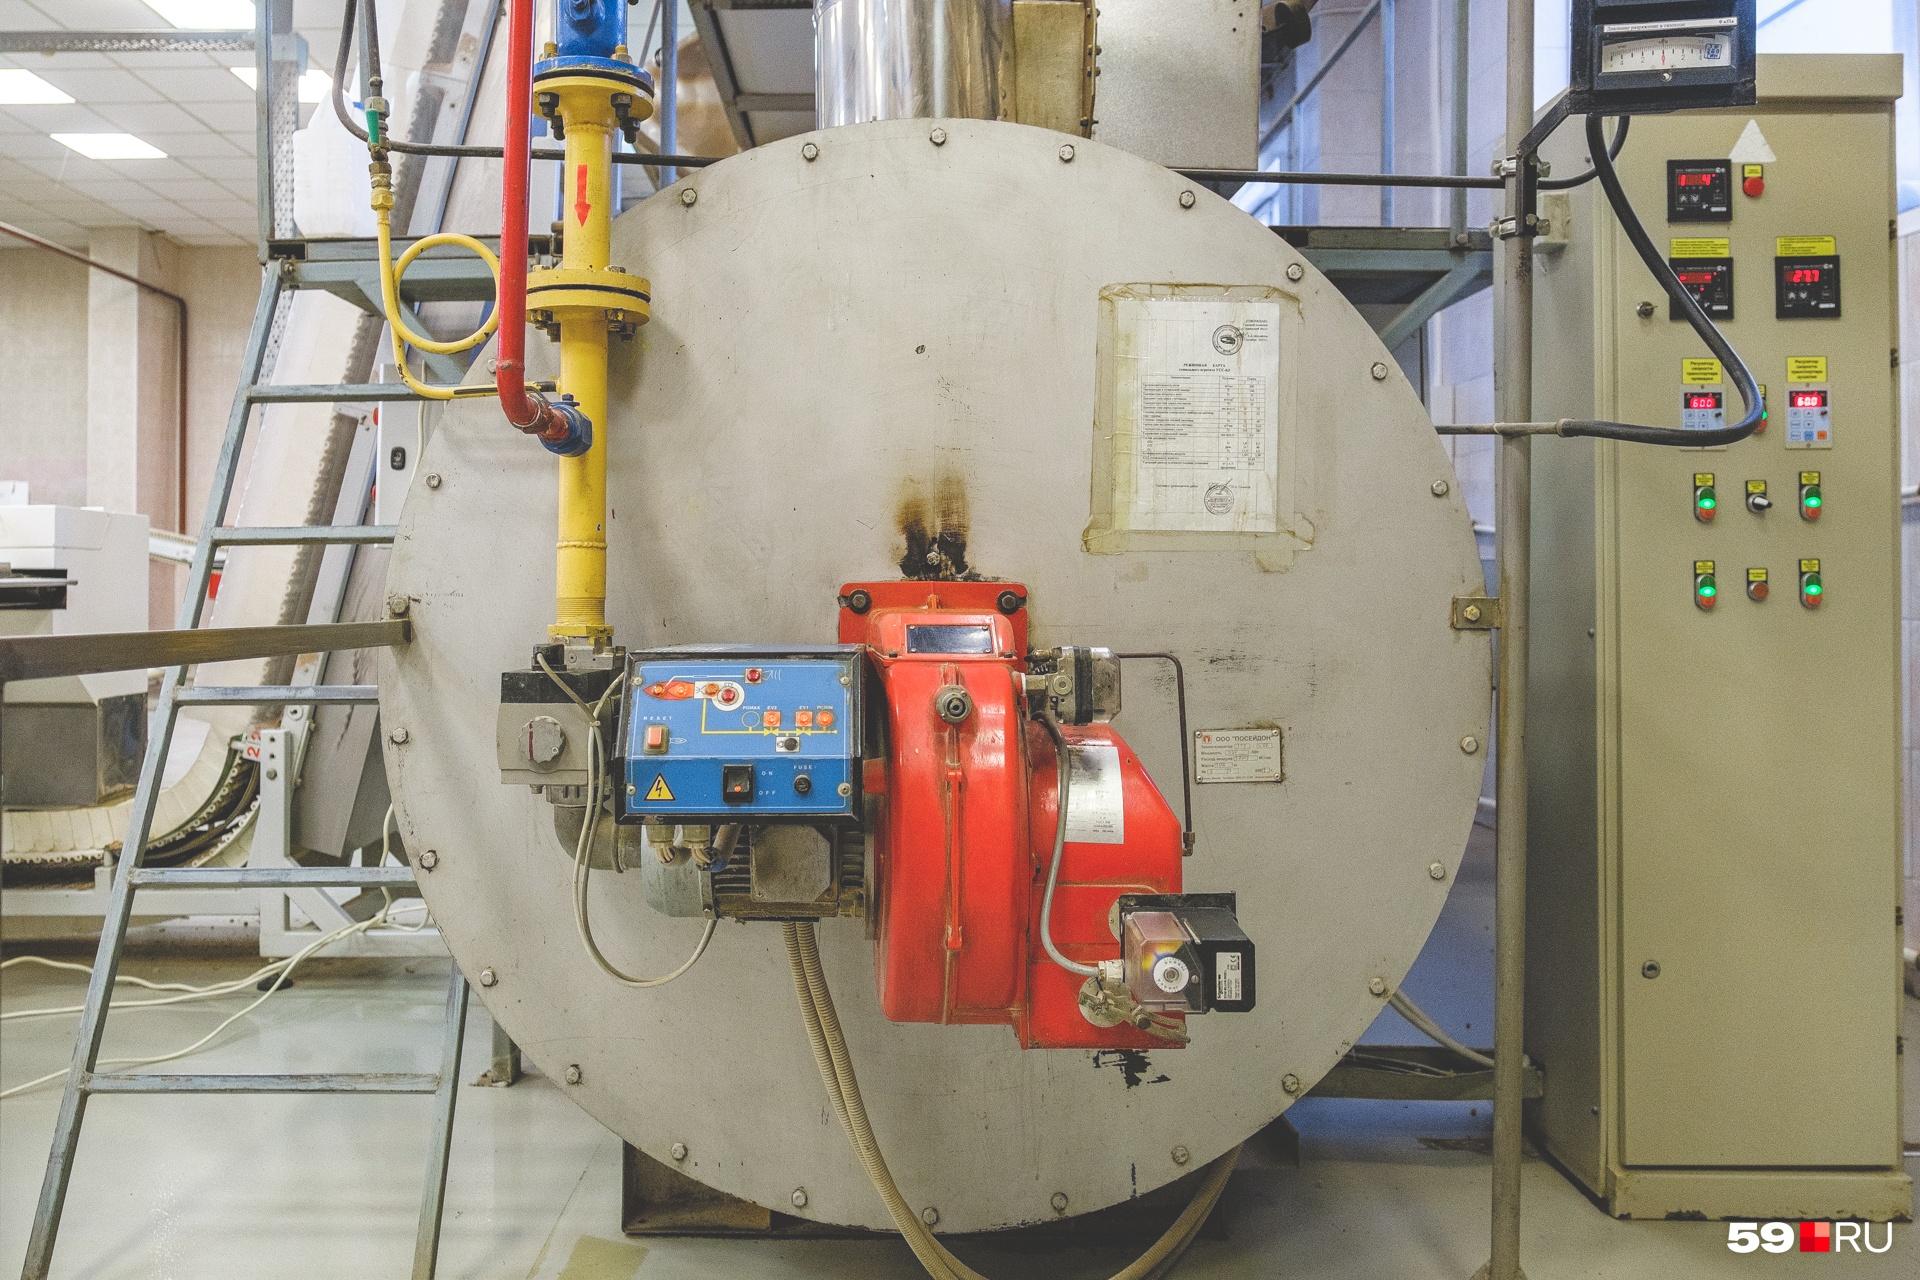 Печь работает на газовом оборудовании